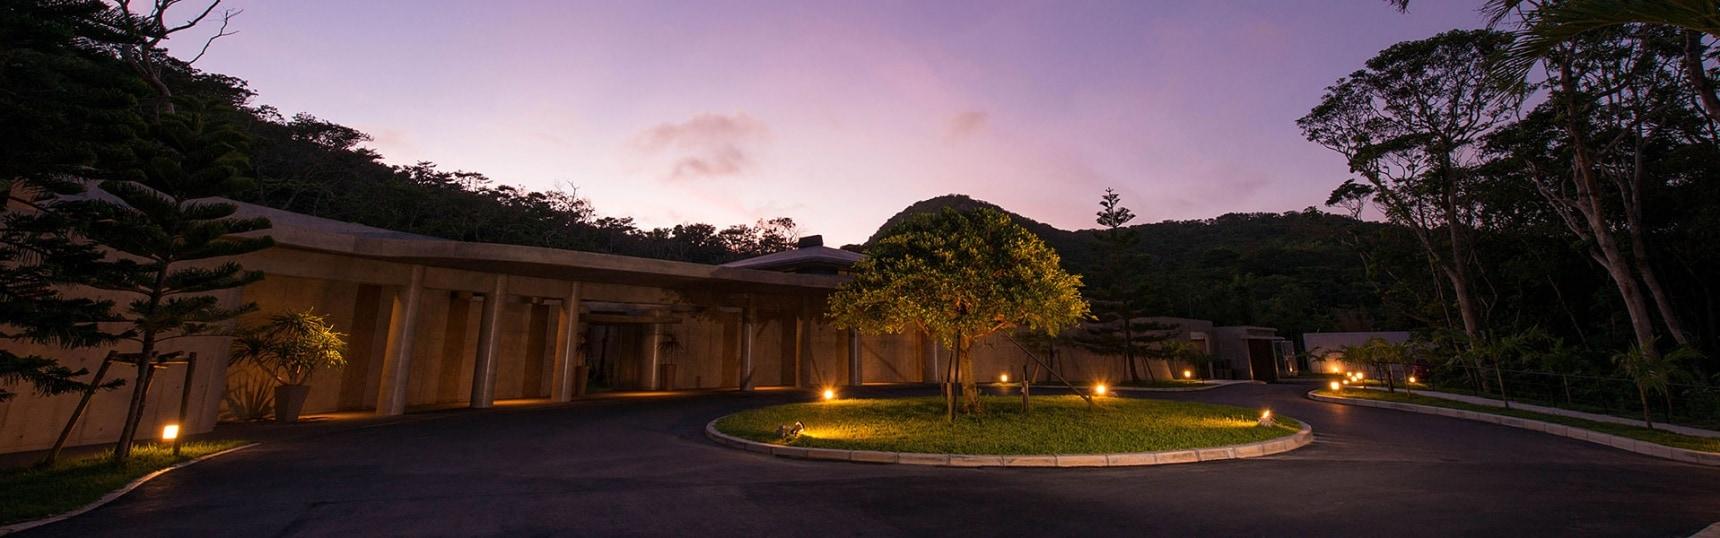 絕頂視窮千里目,煙波深處是琉球 — 沖繩馬加查巴魯酒店